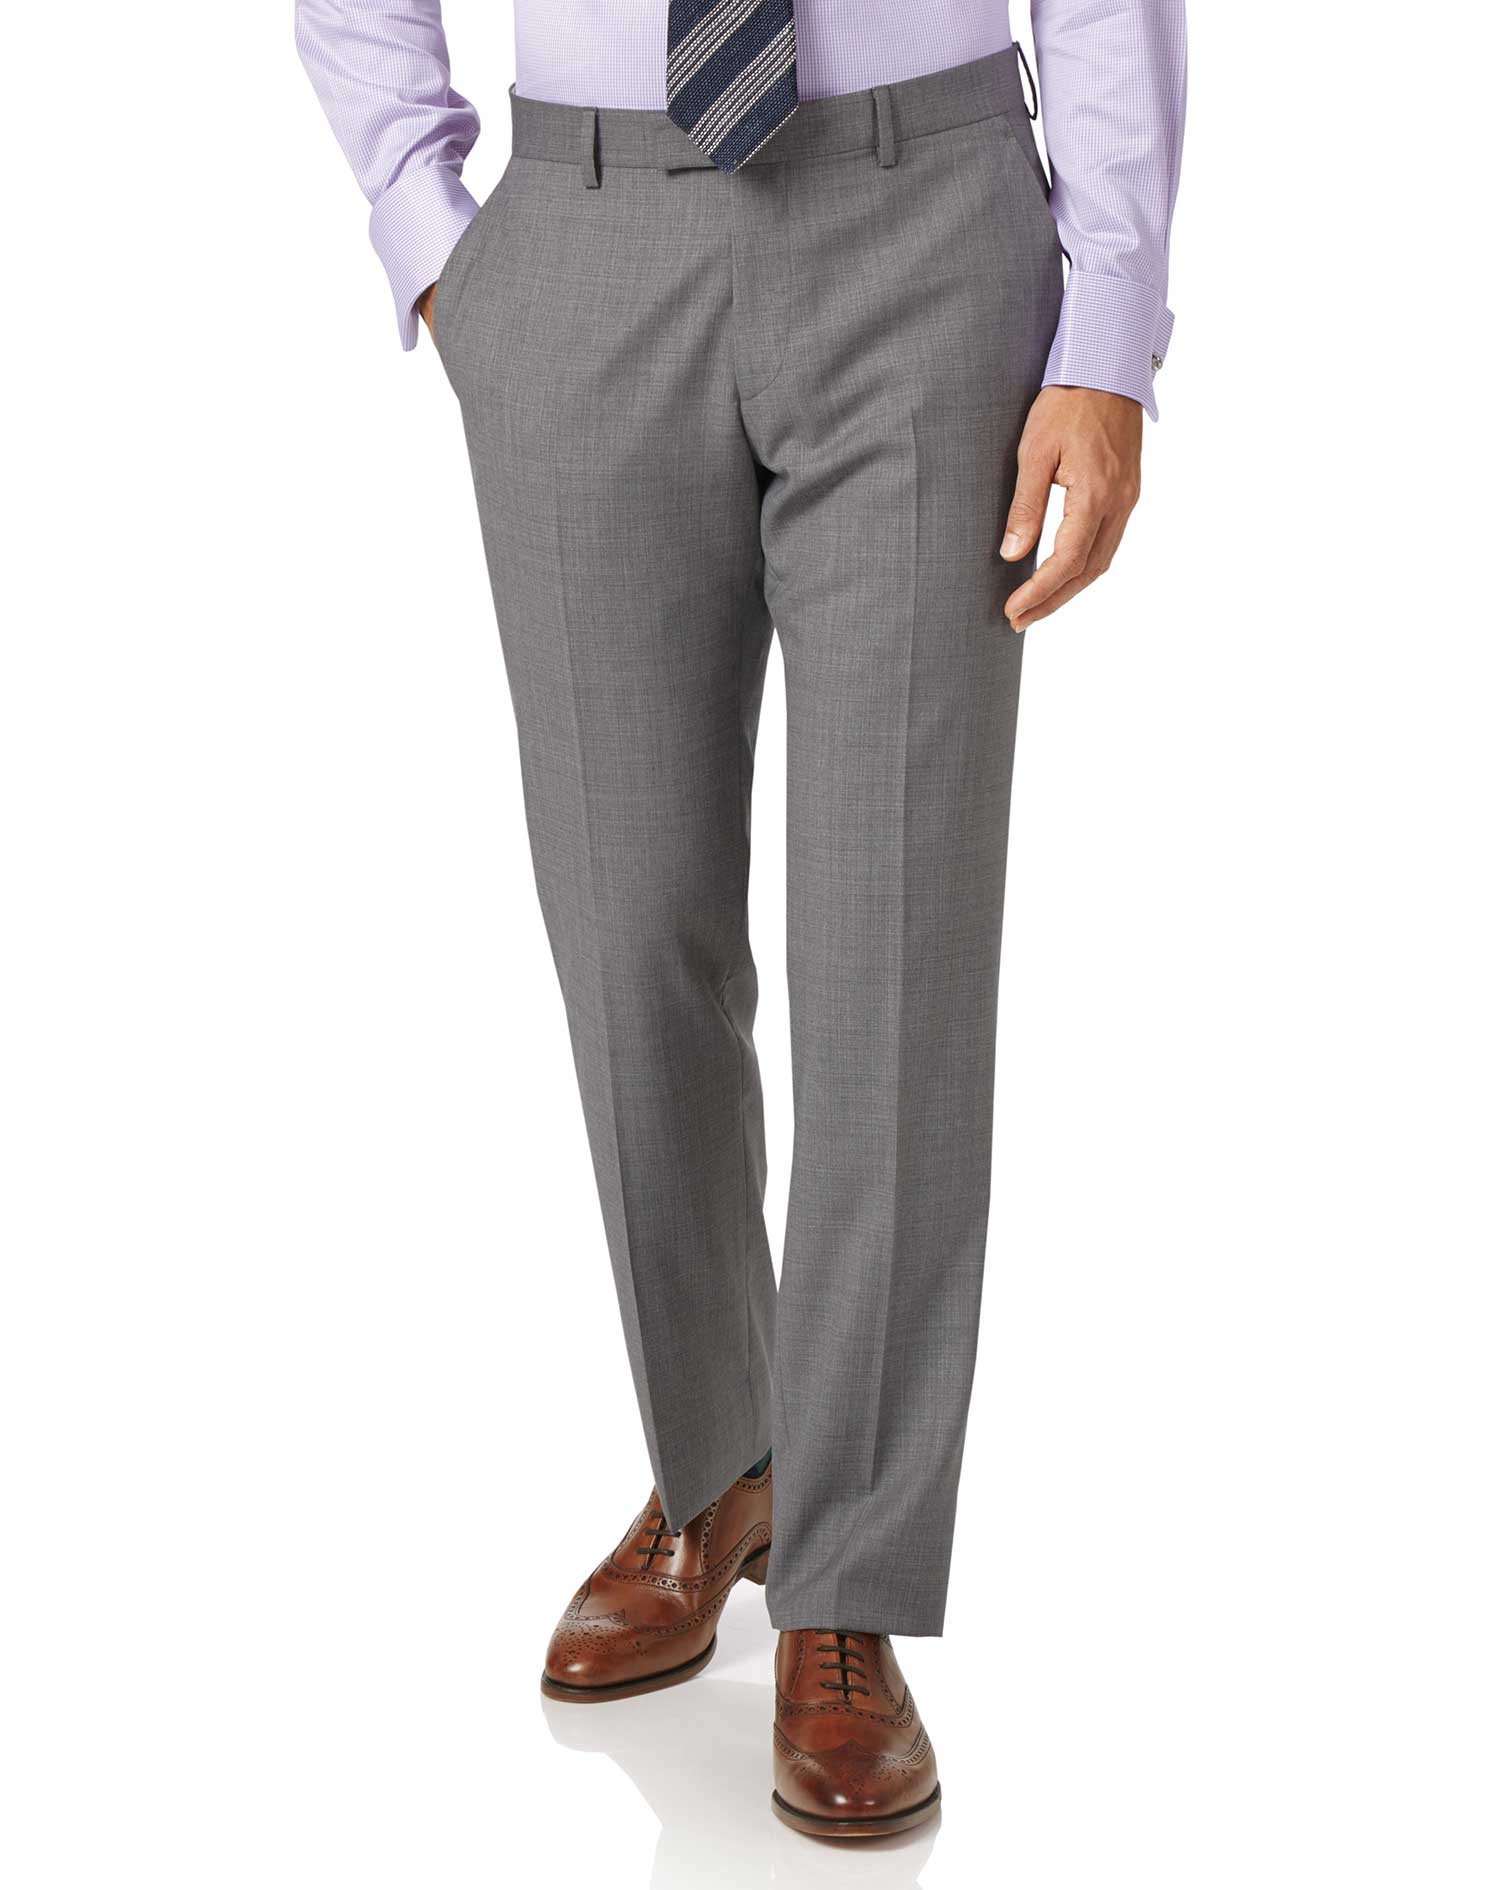 Silver Slim Fit Cross Hatch Italian Suit Trousers Size W34 L34 by Charles Tyrwhitt